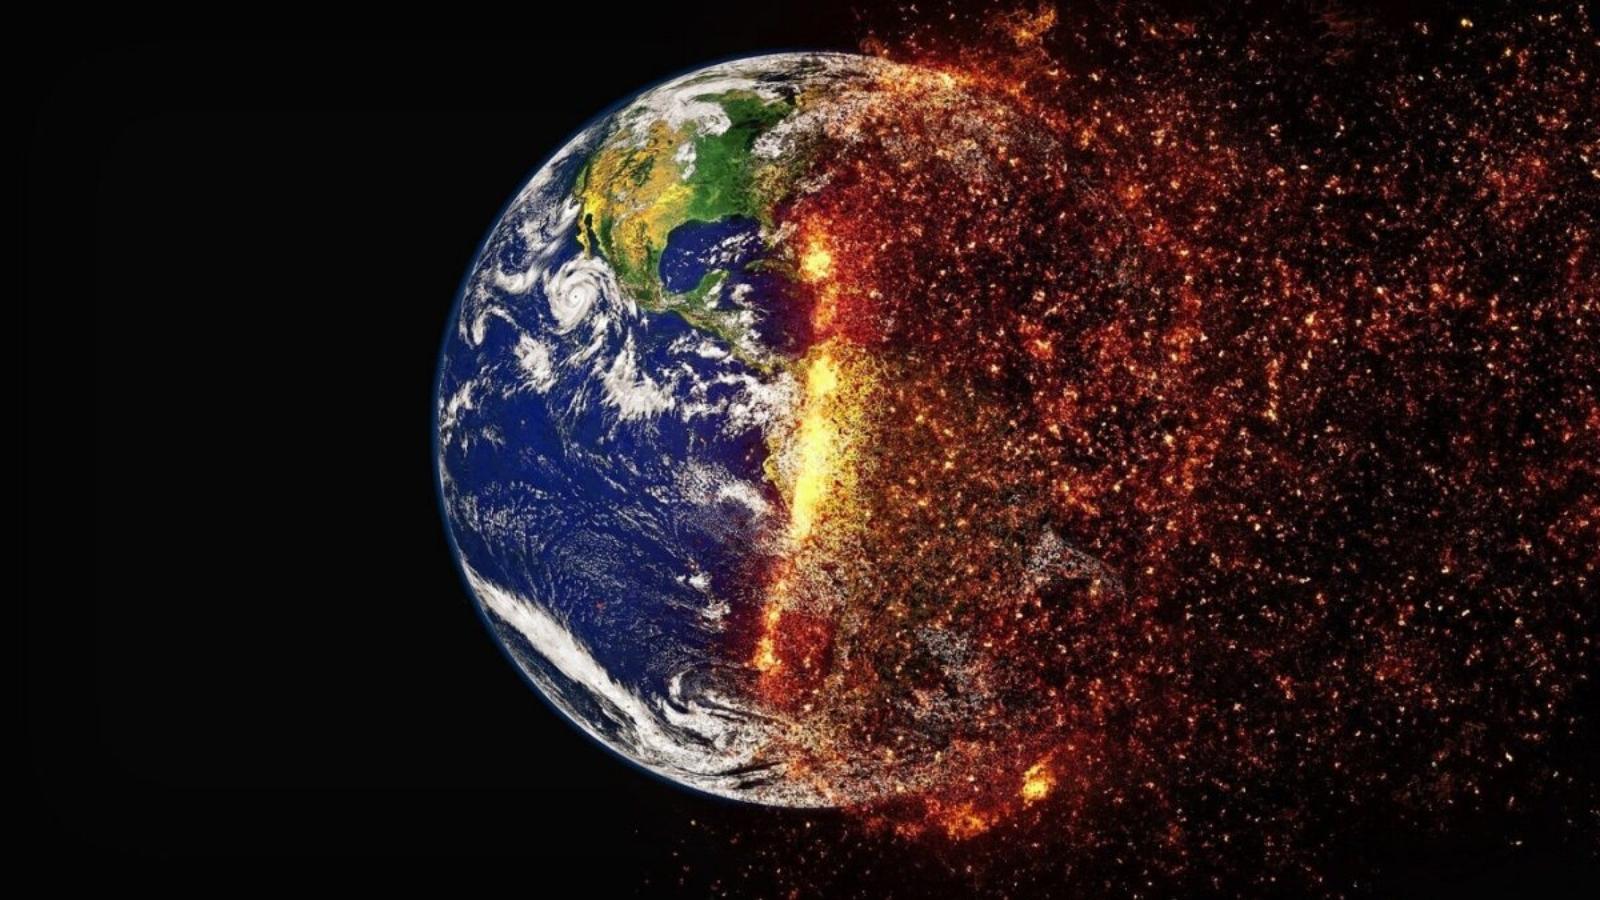 Οι άνδρες συμβάλουν περισσότερο στην κλιματική αλλαγή από τις γυναίκες